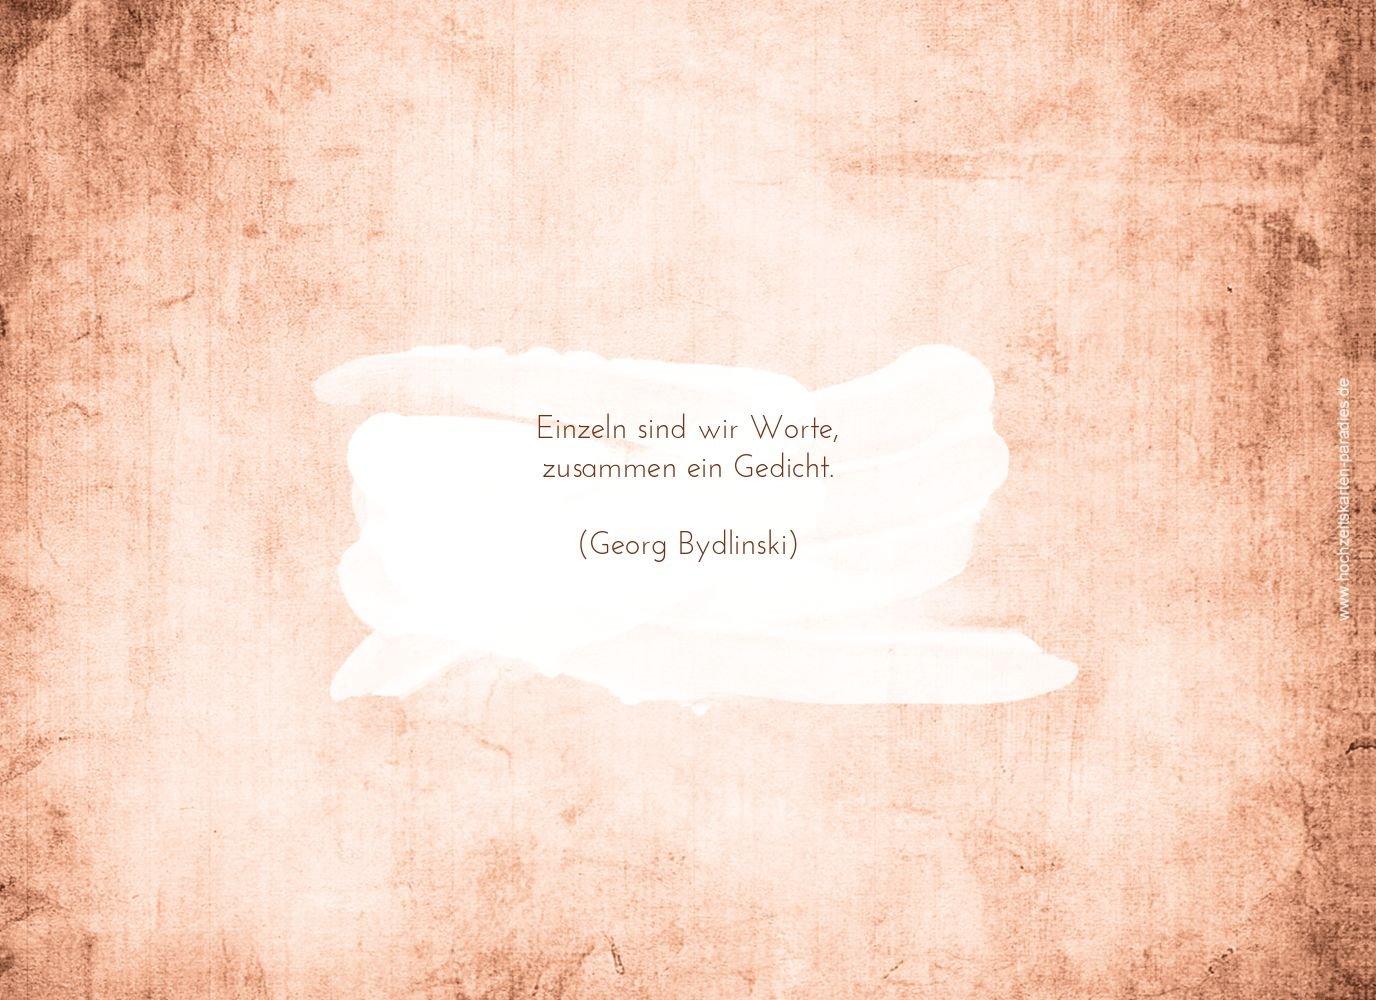 Kartenparadies Hochzeitskarte Hochzeit Einladung Du  Ich  Liebe, hochwertige hochwertige hochwertige Einladung zur Heirat inklusive Umschläge   10 Karten - (Format  148x105 mm) Farbe  DunkelGelb B01MZBZSQS | Exquisite (mittlere) Verarbeitung  | Haltbar  | Günstige Bestell 686590